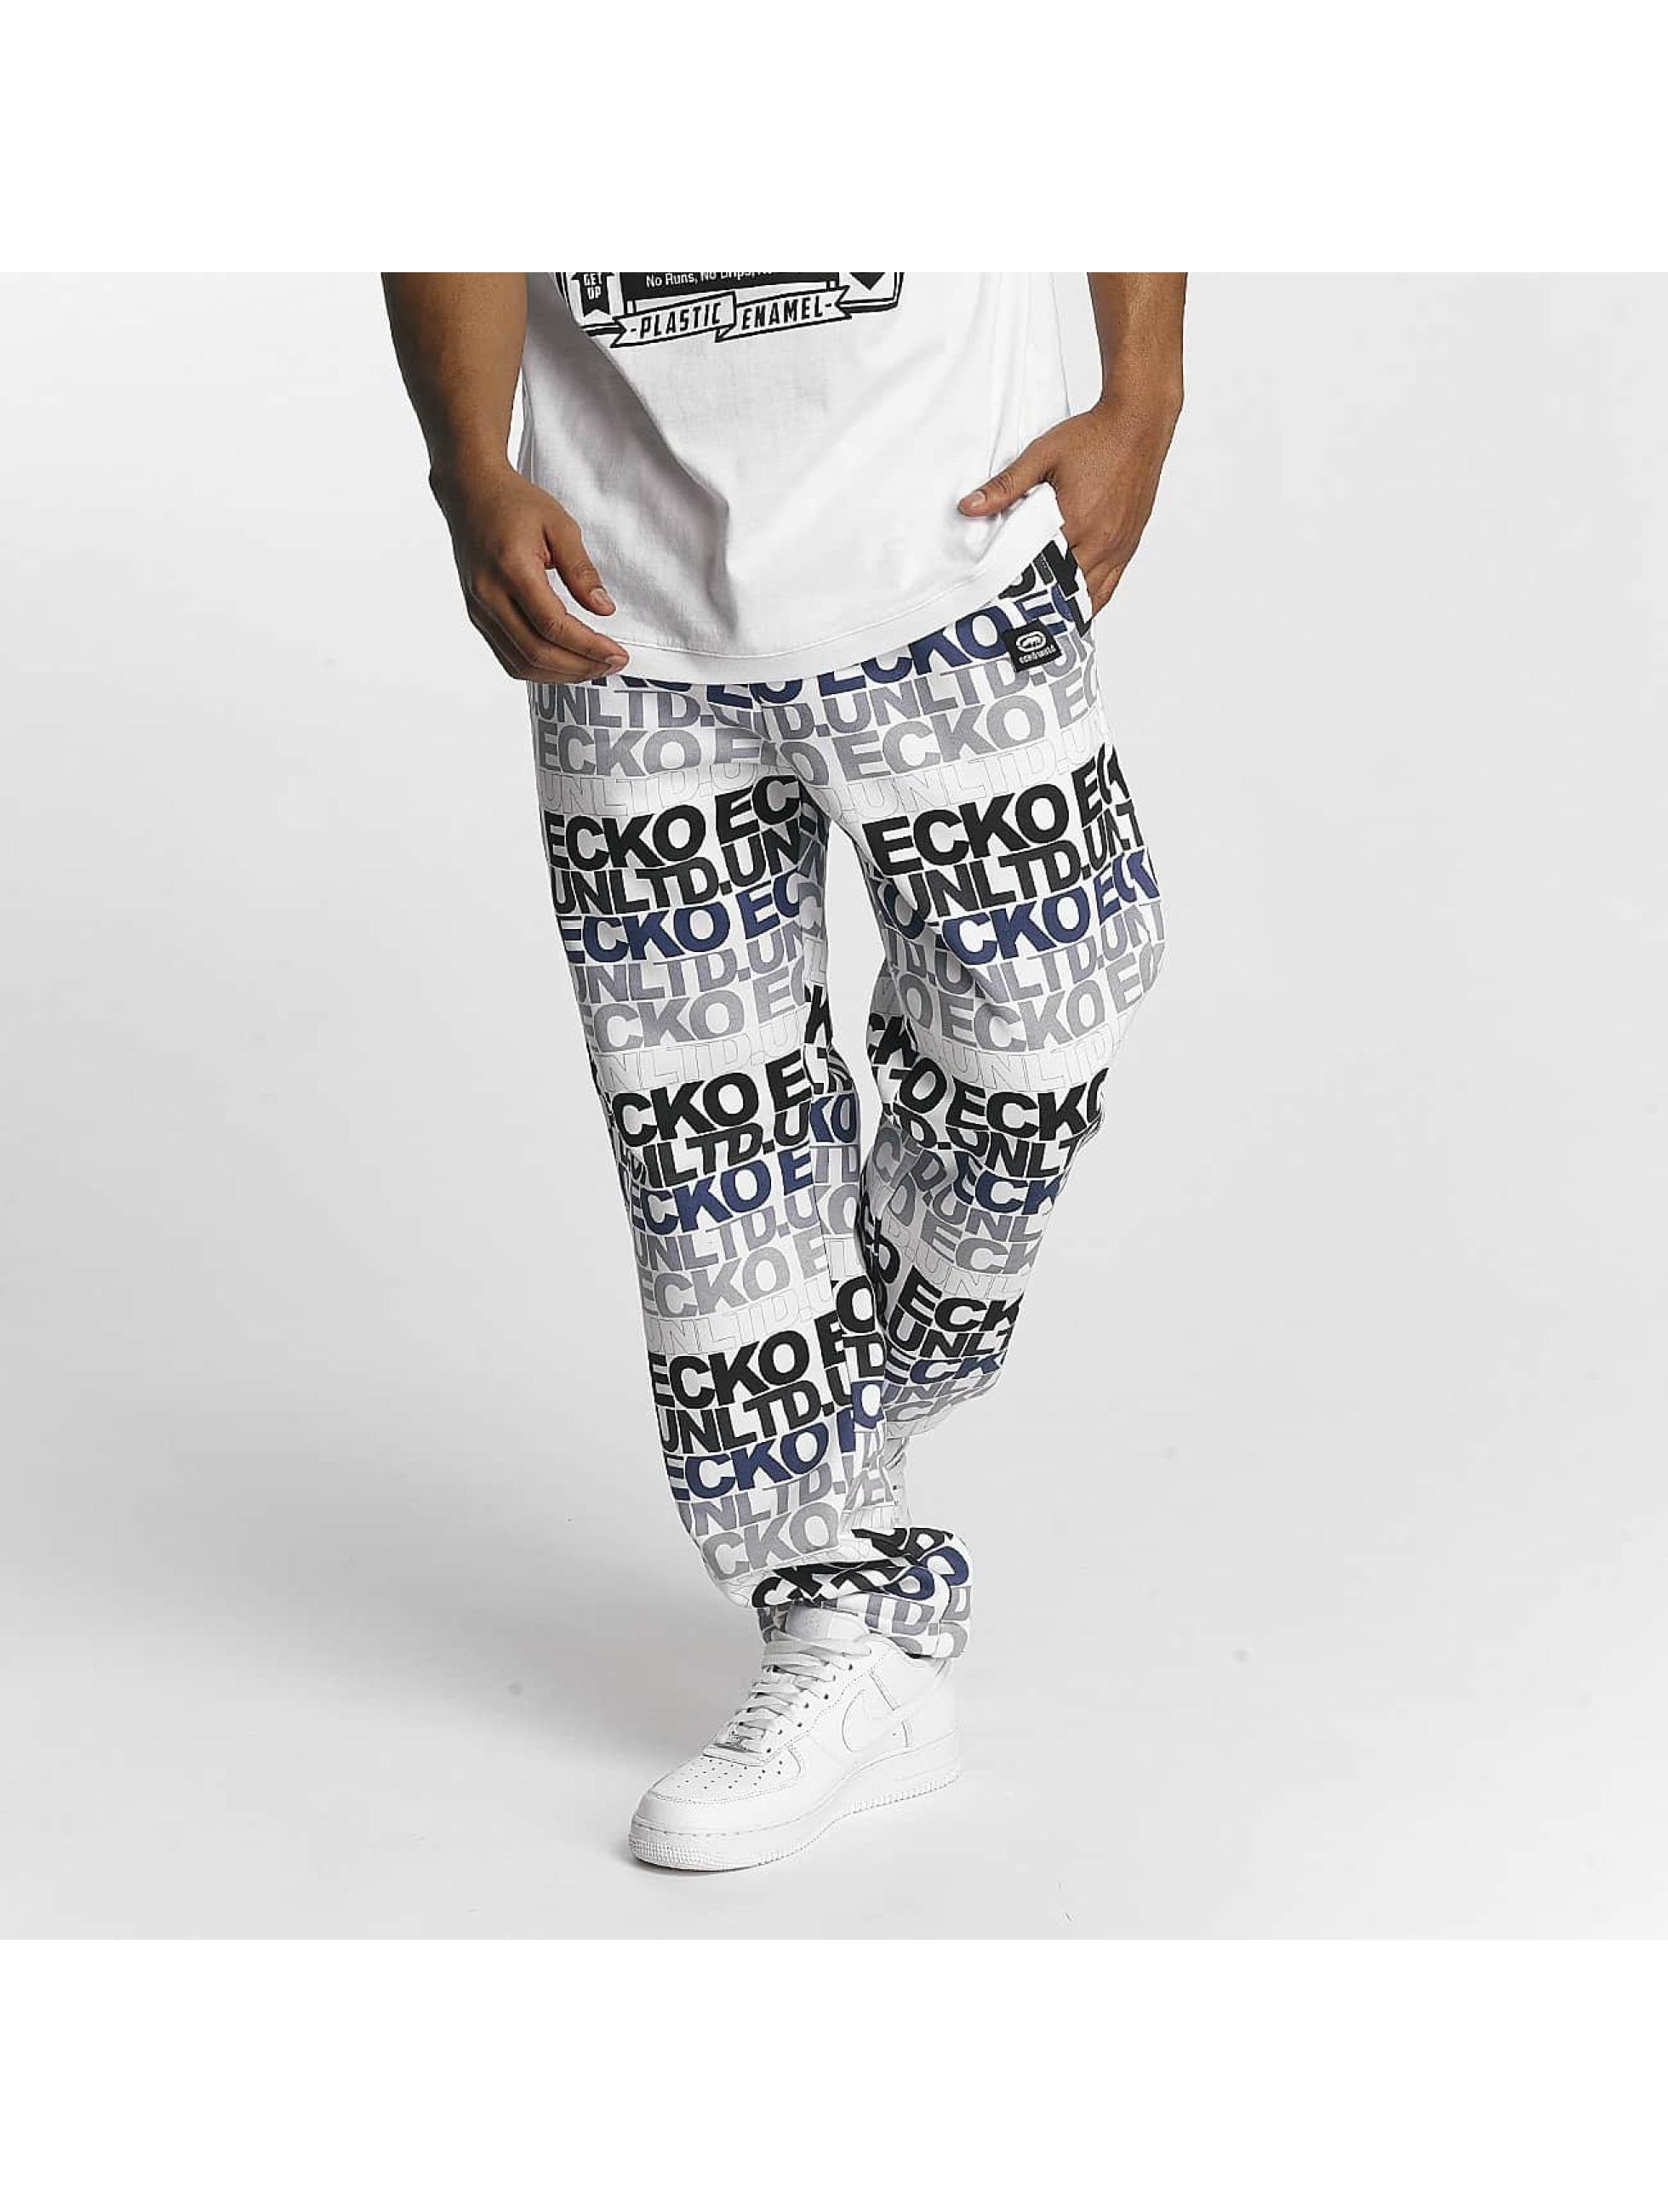 Ecko Unltd. / Sweat Pant TroudÀrgent in white XL